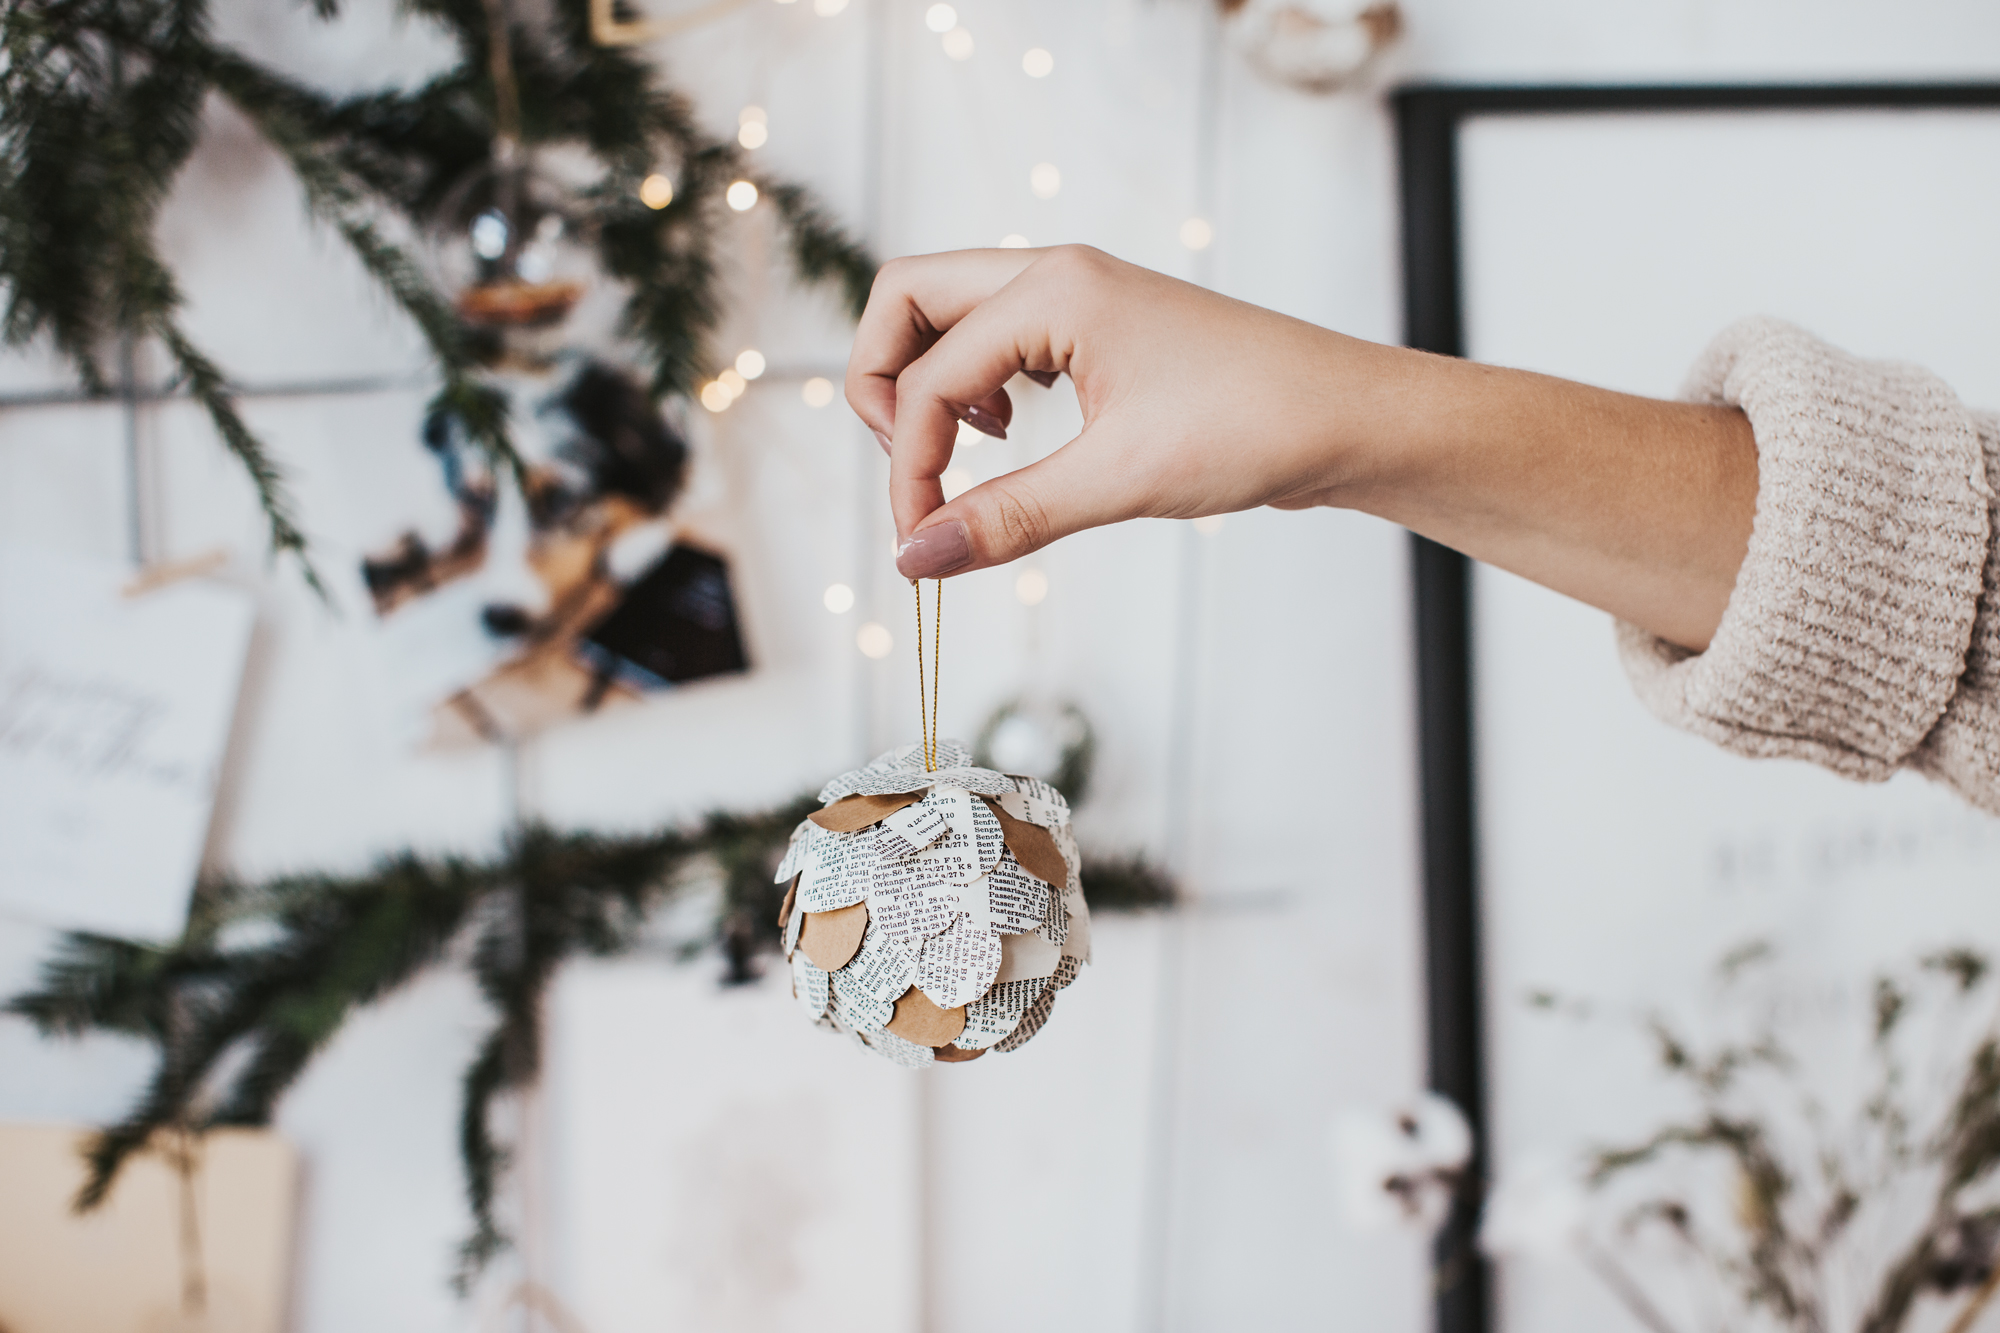 JO_and_JUDY_Christmas_Ornaments_DIY_04Q0ZByFqT4qkLo